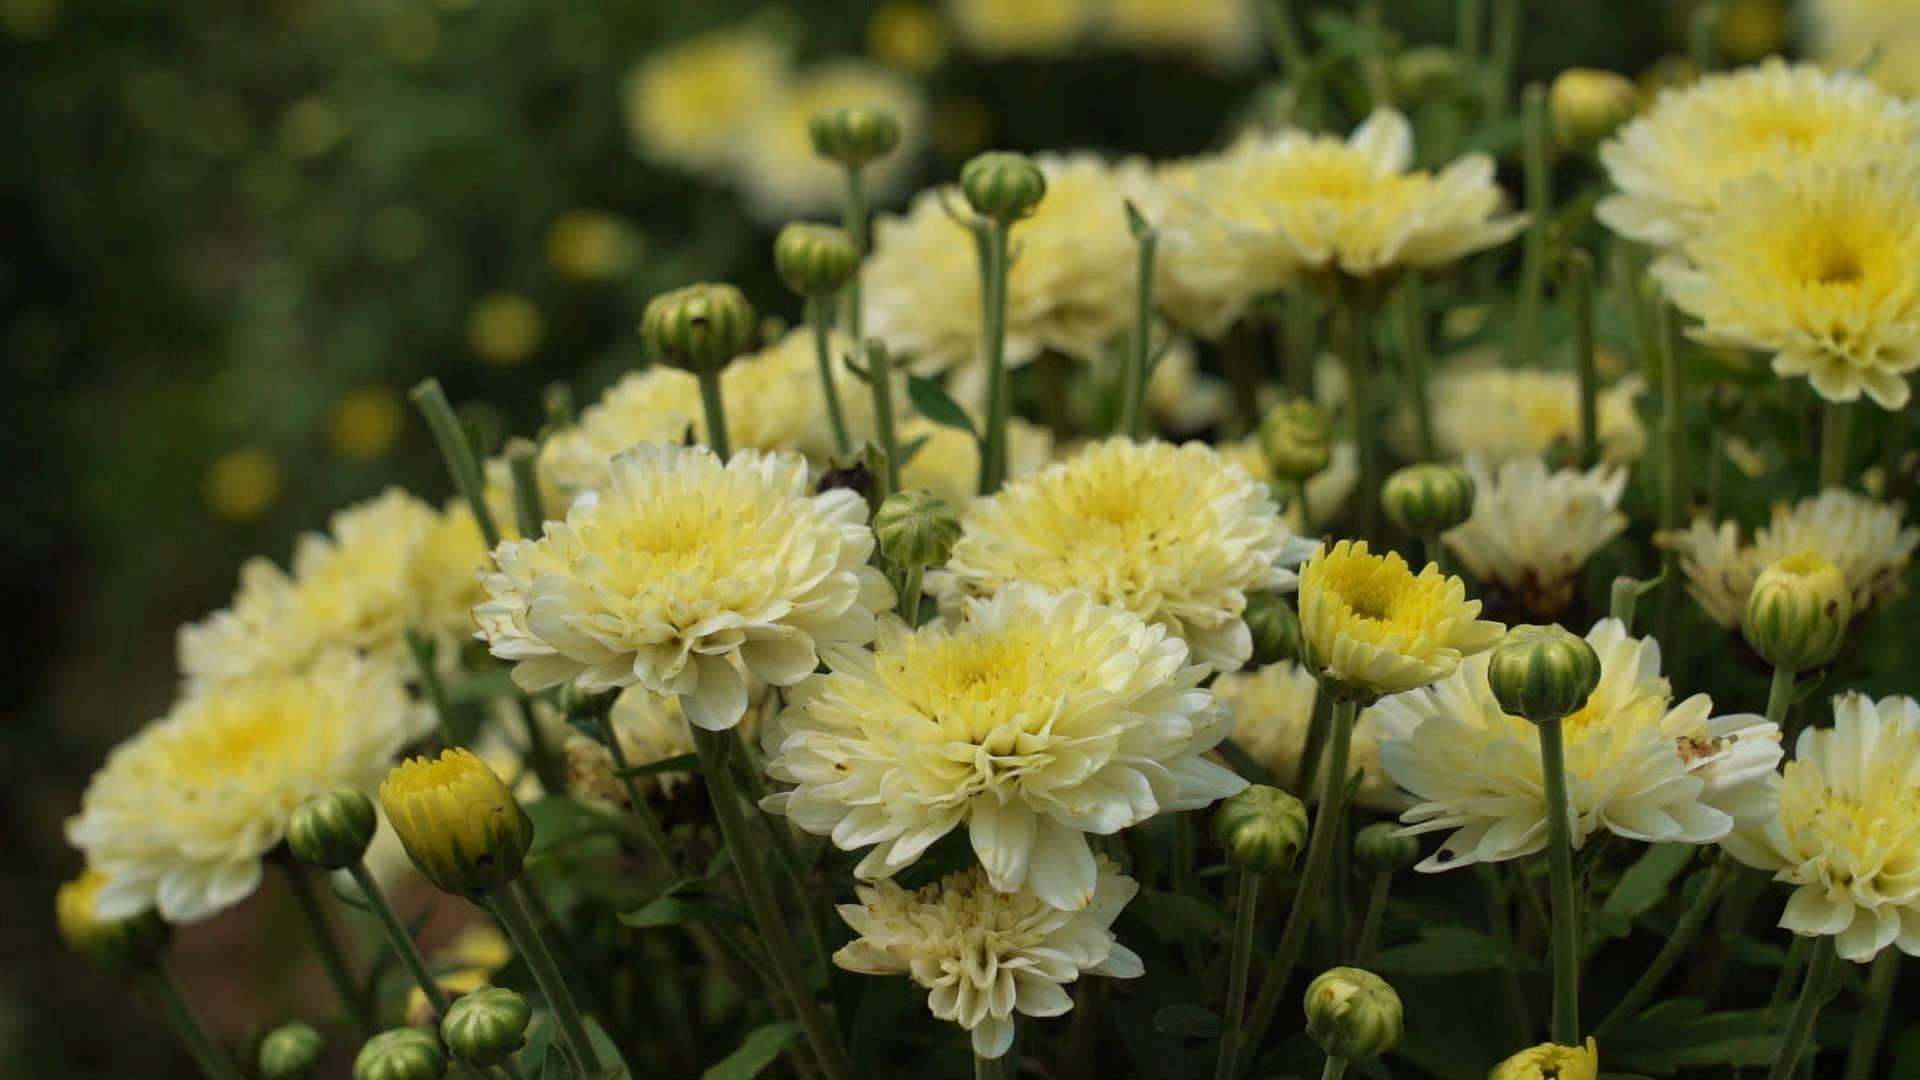 诗画山东|德州武城130余亩雏菊竞相绽放 喜迎丰收